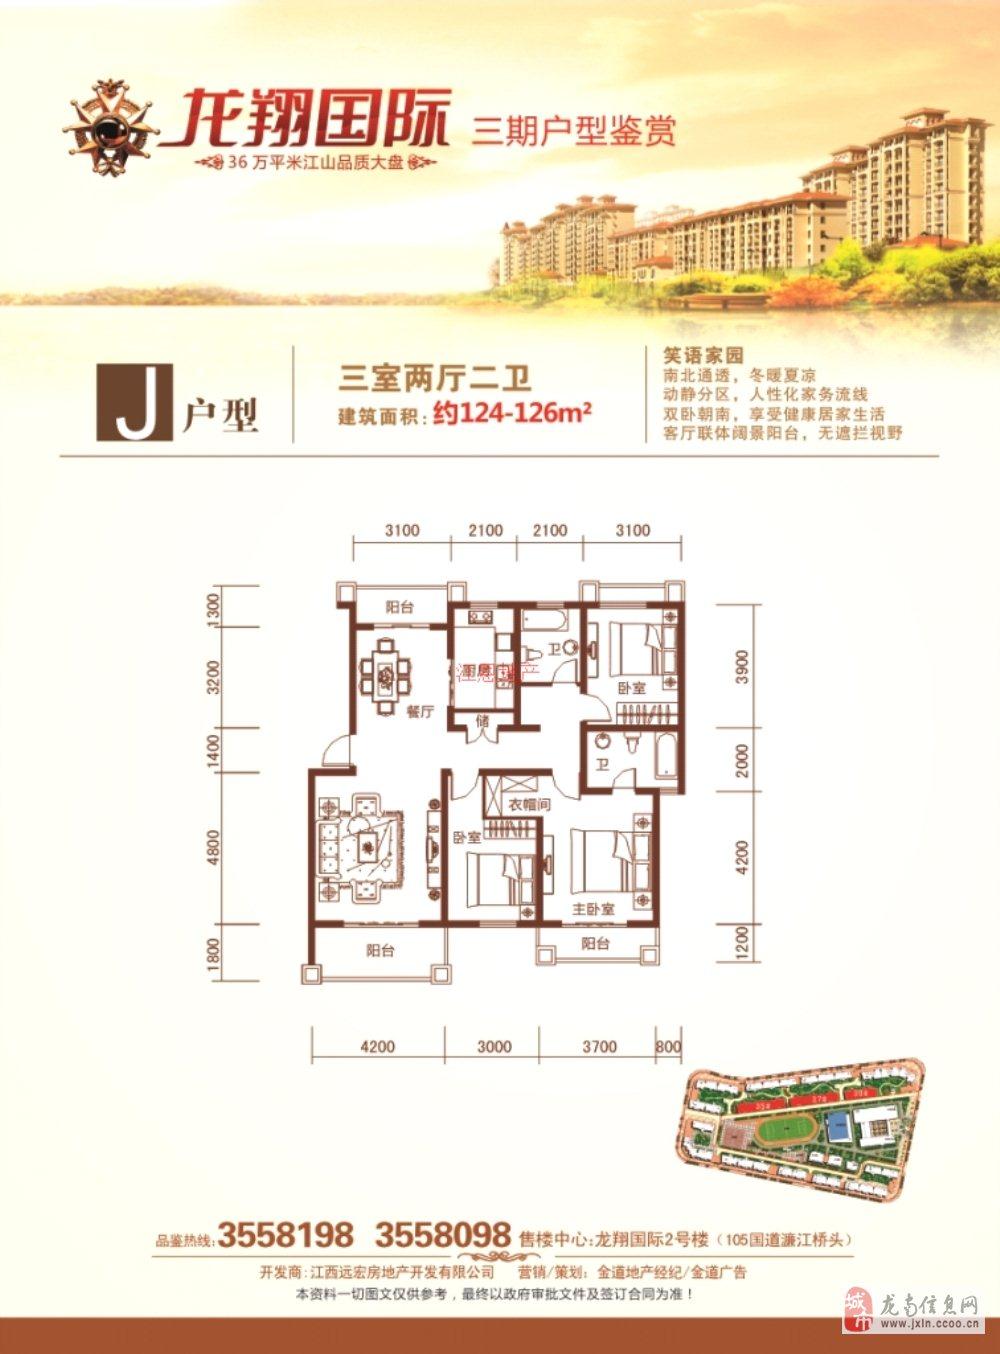 【江景三房】龙翔国际3室2厅2卫66万元